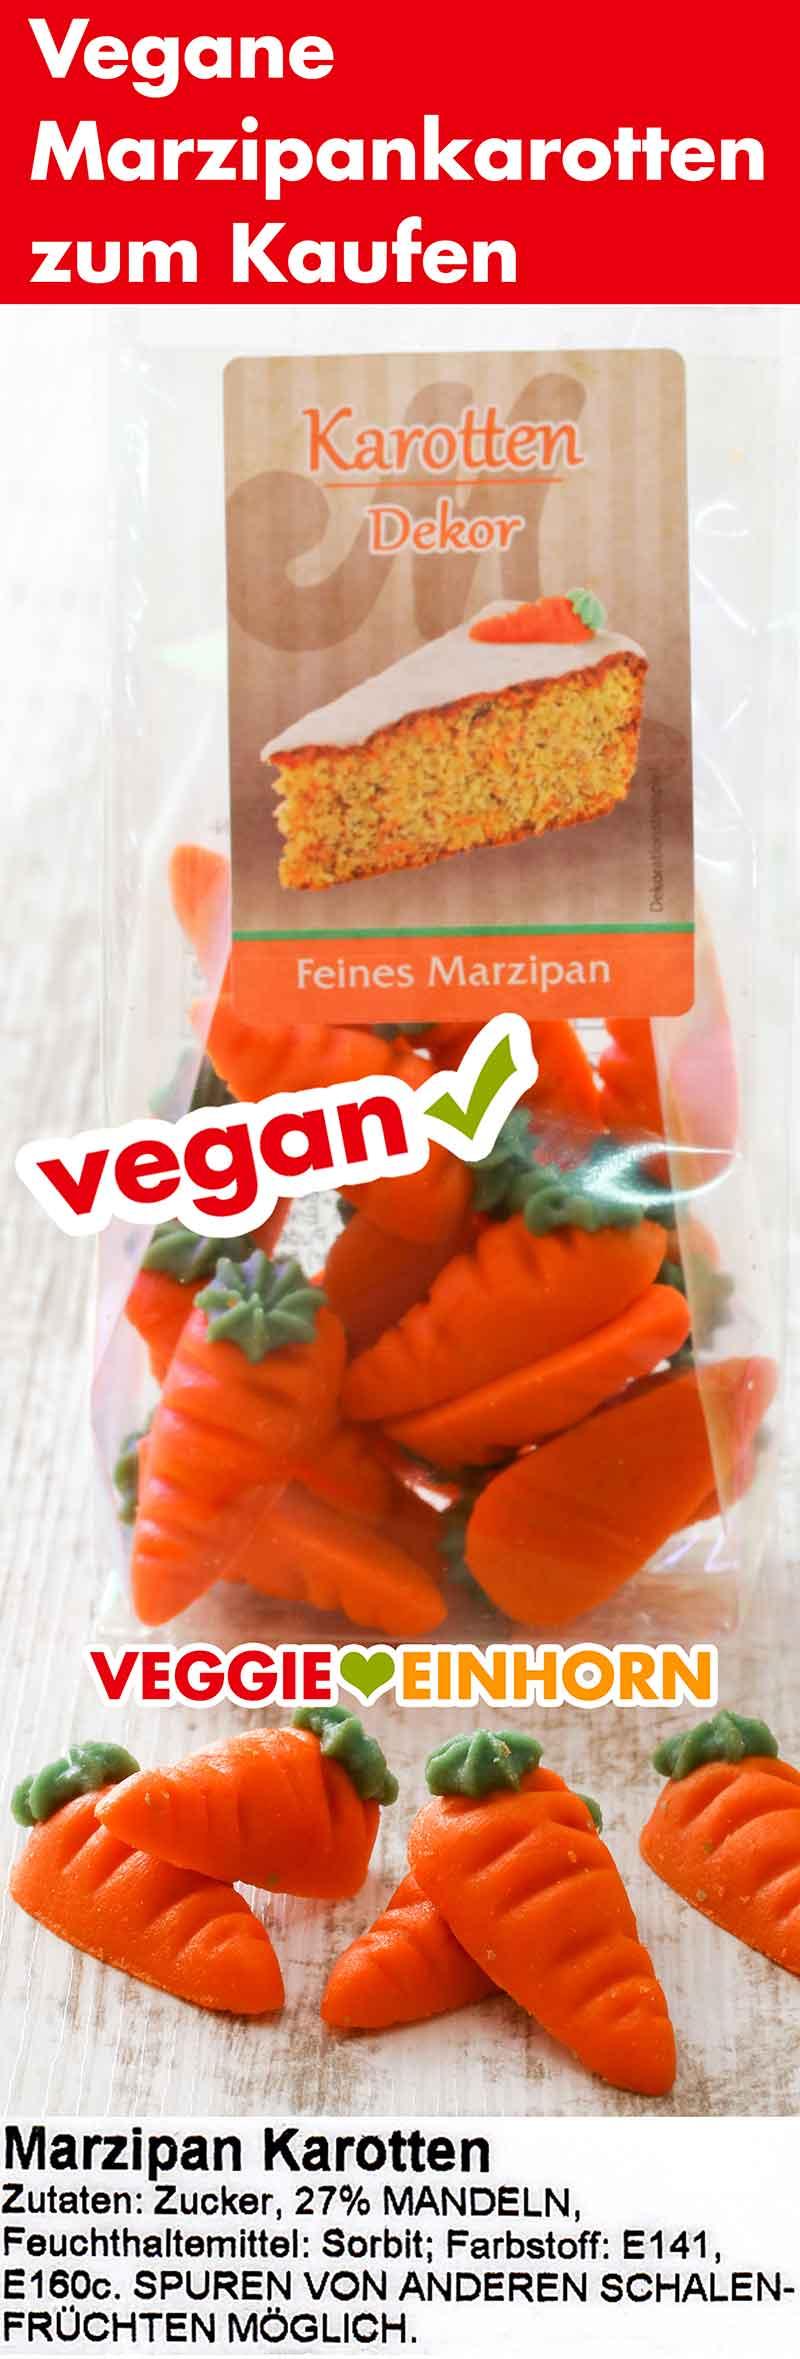 Odenwälder Marzipan Karotten